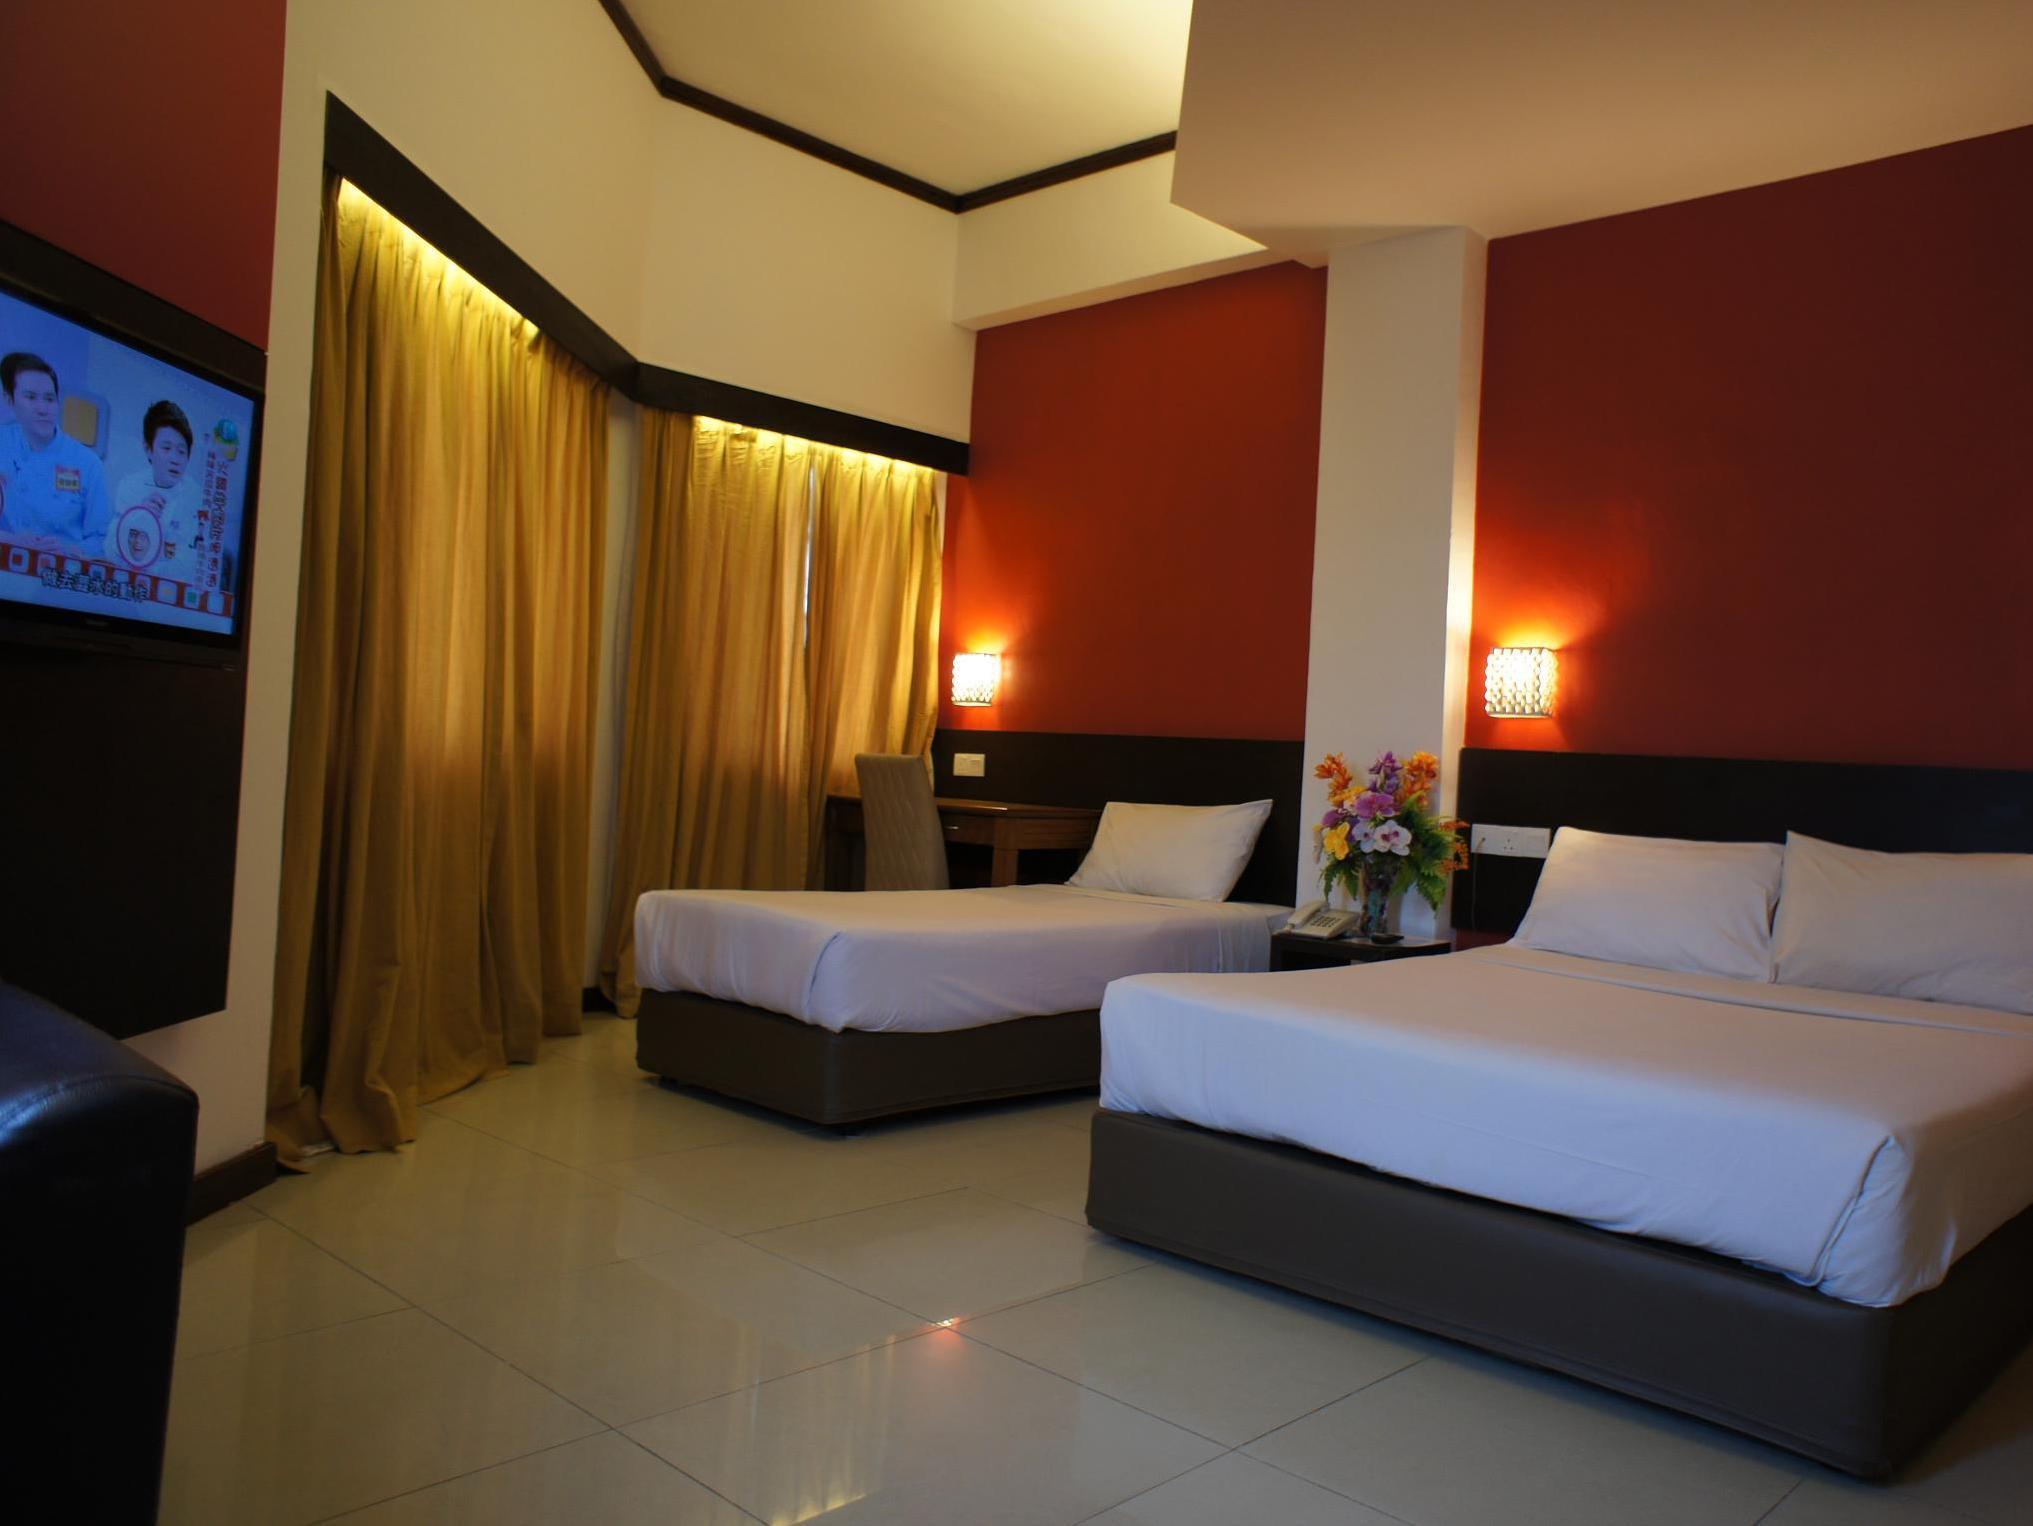 Meldrum Hotel